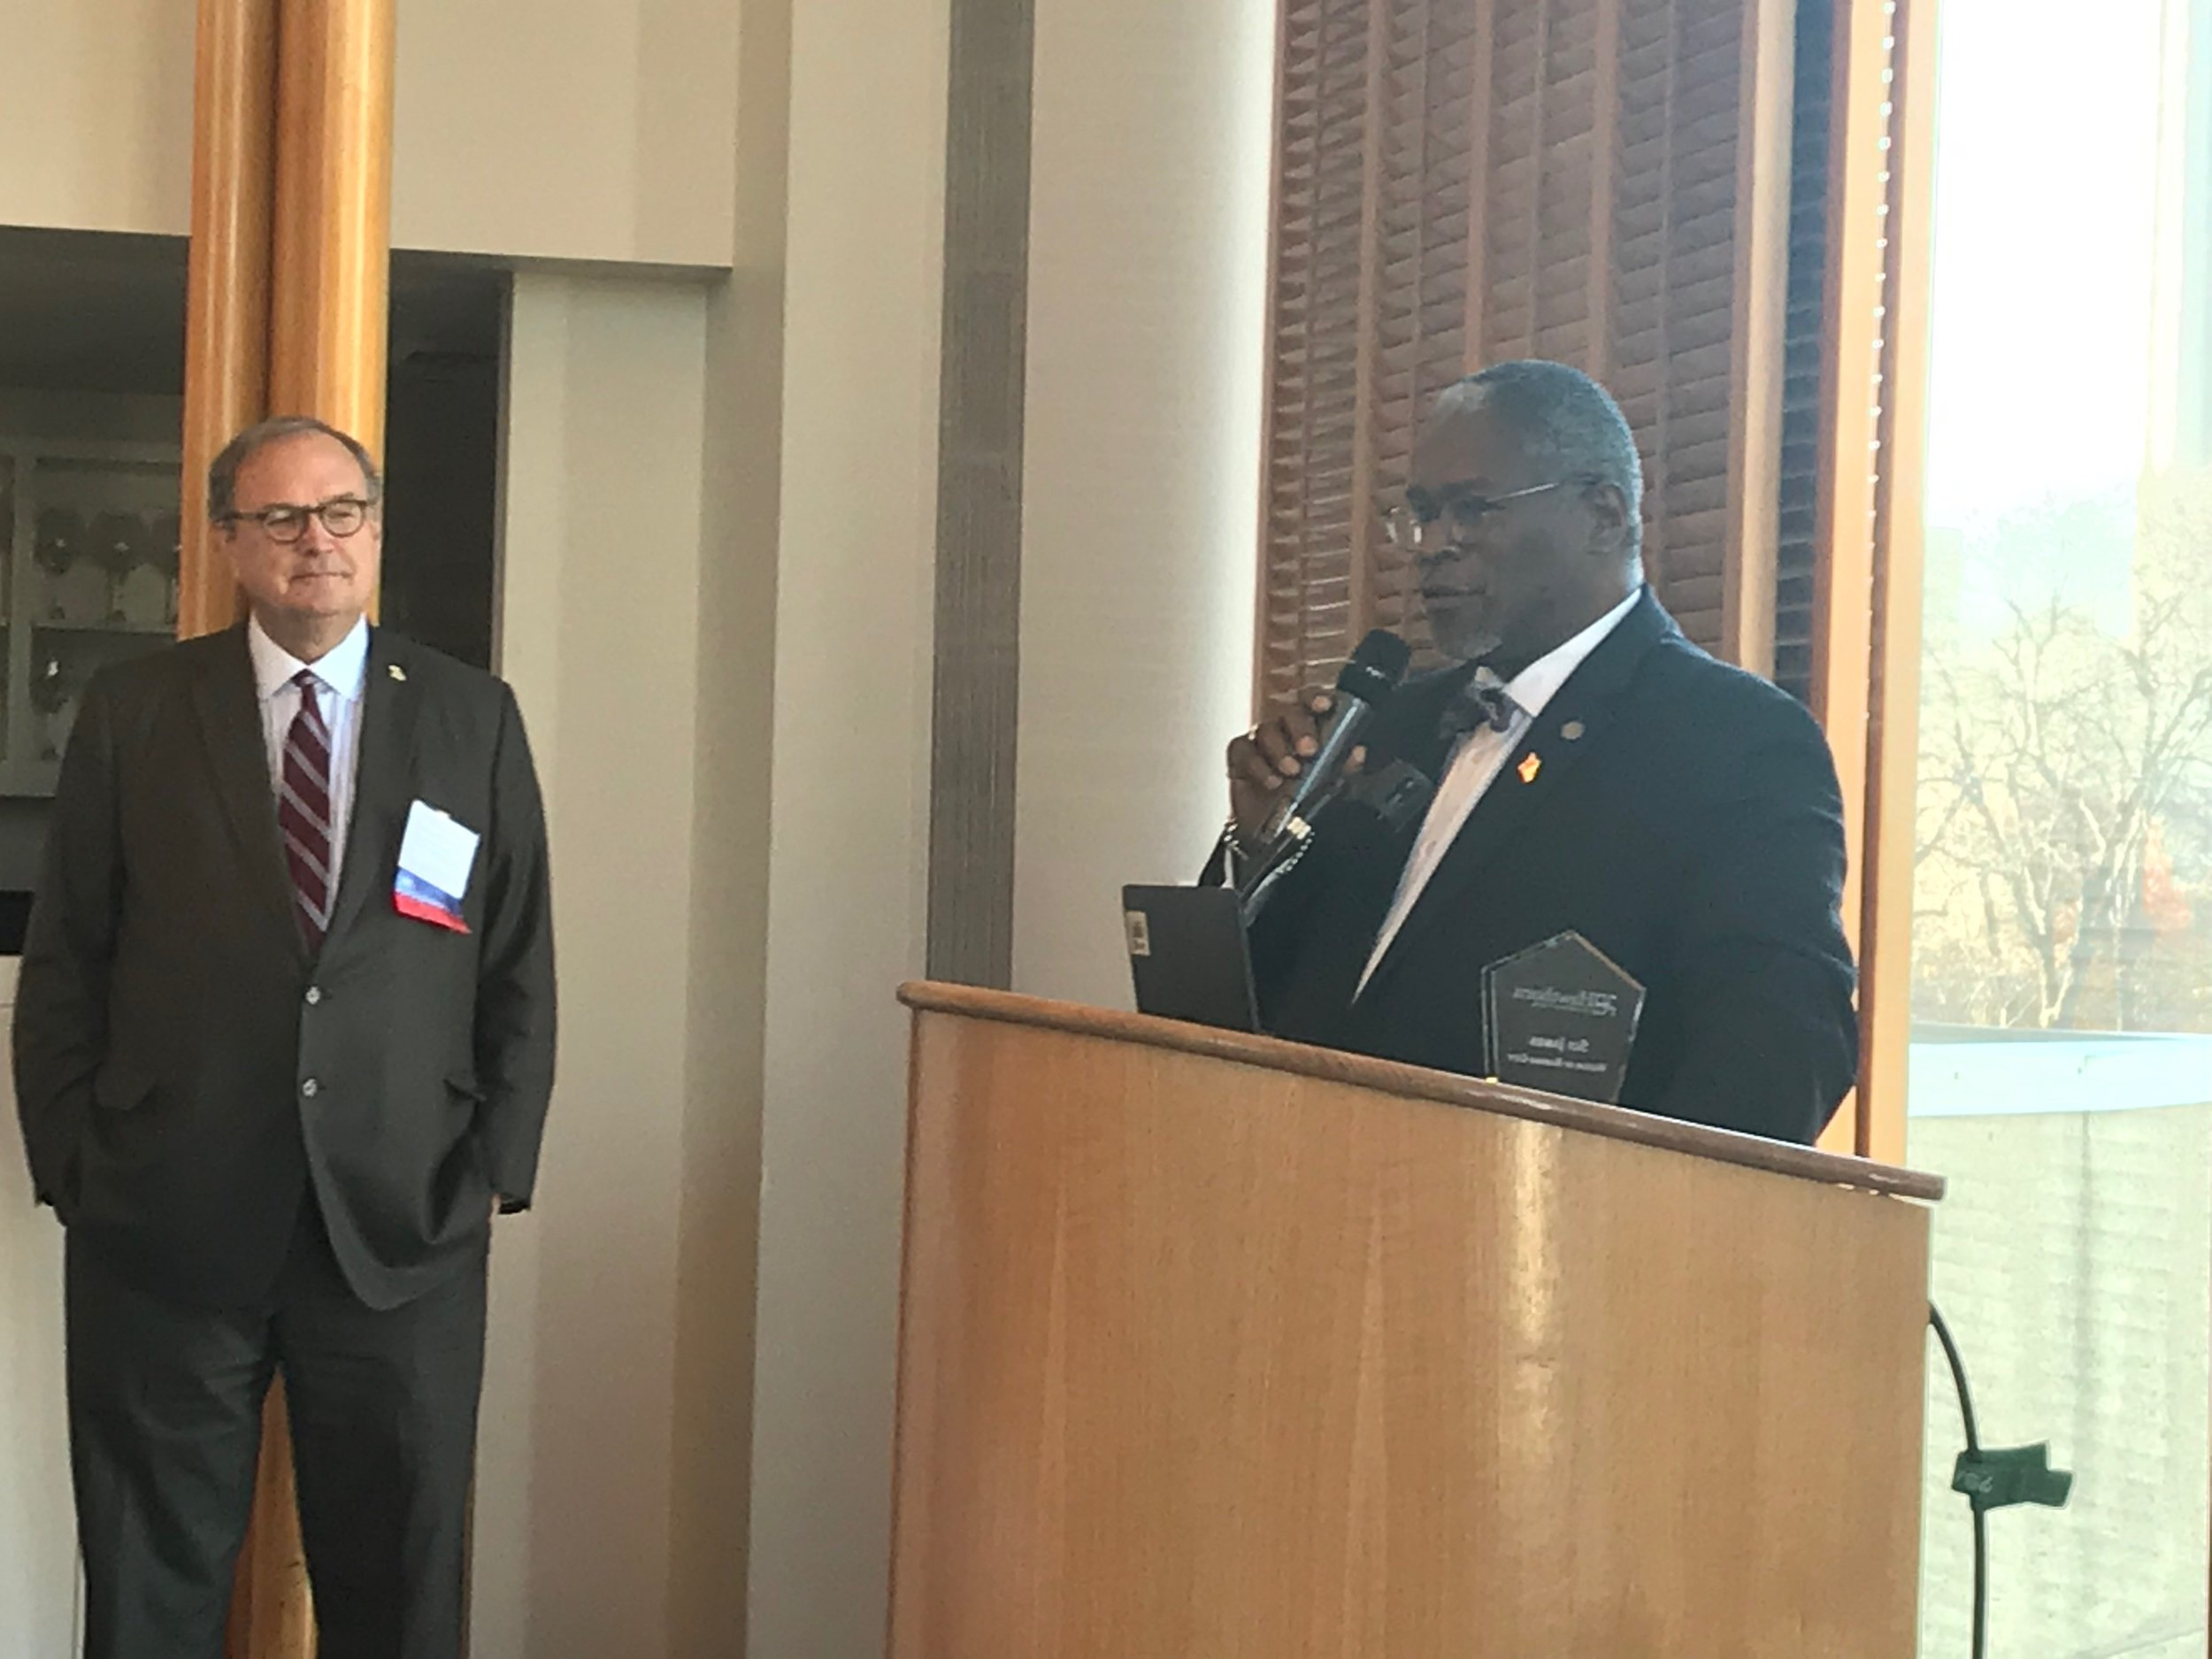 Mayor Sly James speaking at the Nov 2018 board meeting